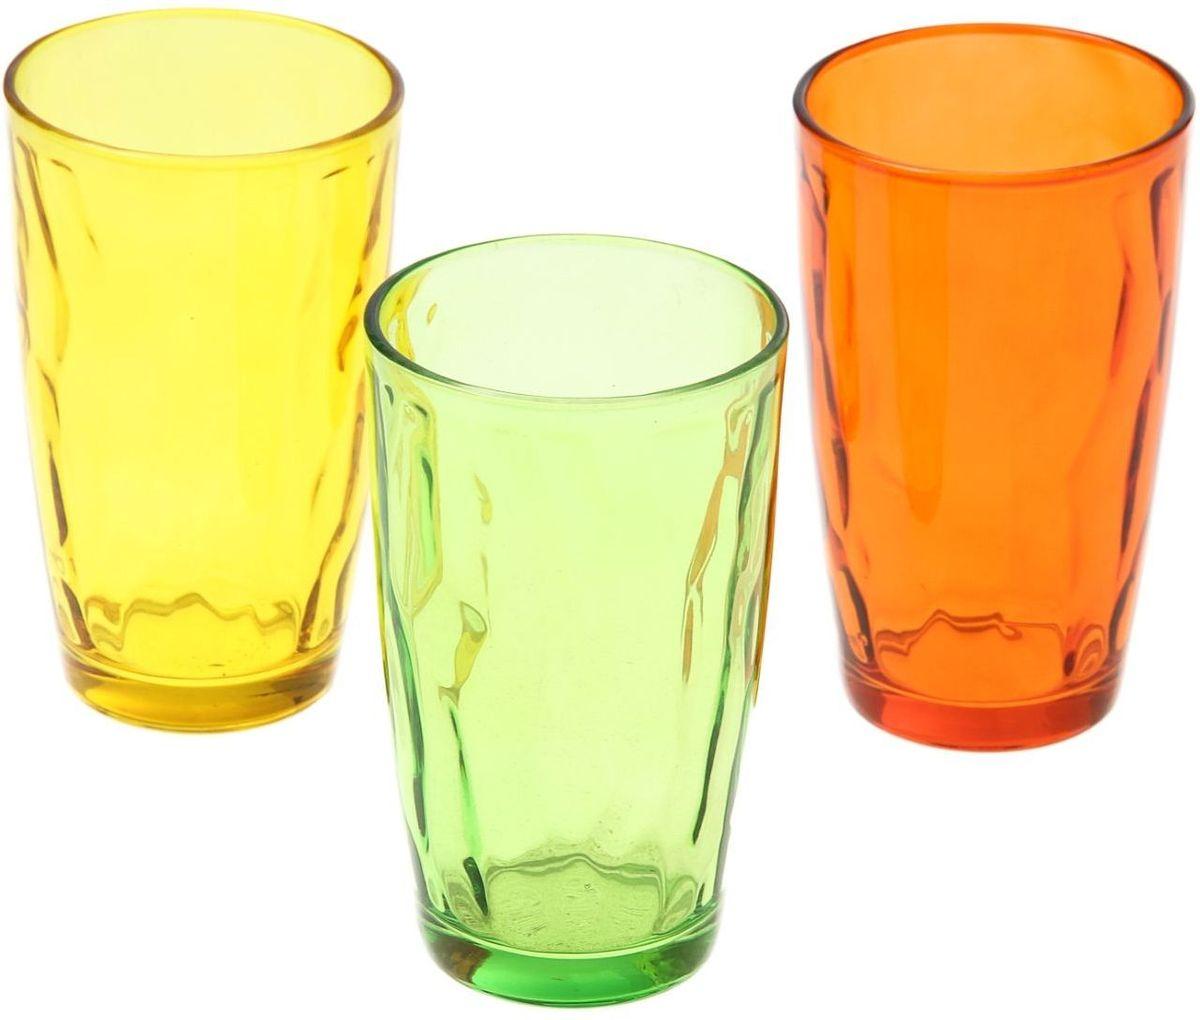 Набор стаканов Доляна Венский вальс. Осень, 340 мл, 3 шт335159Набор стаканов Доляна Венский вальс подходит для повседневного использования. Набор состоит из 3 стаканов. Они выполнены из прозрачного стекла, окрашенного в яркий цвет, и порадуют каждого ценителя качественной посуды.Достоинства:- оригинальный дизайн делает предметы украшением интерьера;- материал не впитывает запахов;- поверхность легко отмывается.Чтобы предметы радовали внешним видом как можно дольше, соблюдайте простые правила ухода:мойте только вручную;избегайте использования высокоабразивных средств и металлических губок;не допускайте падений и ударов.